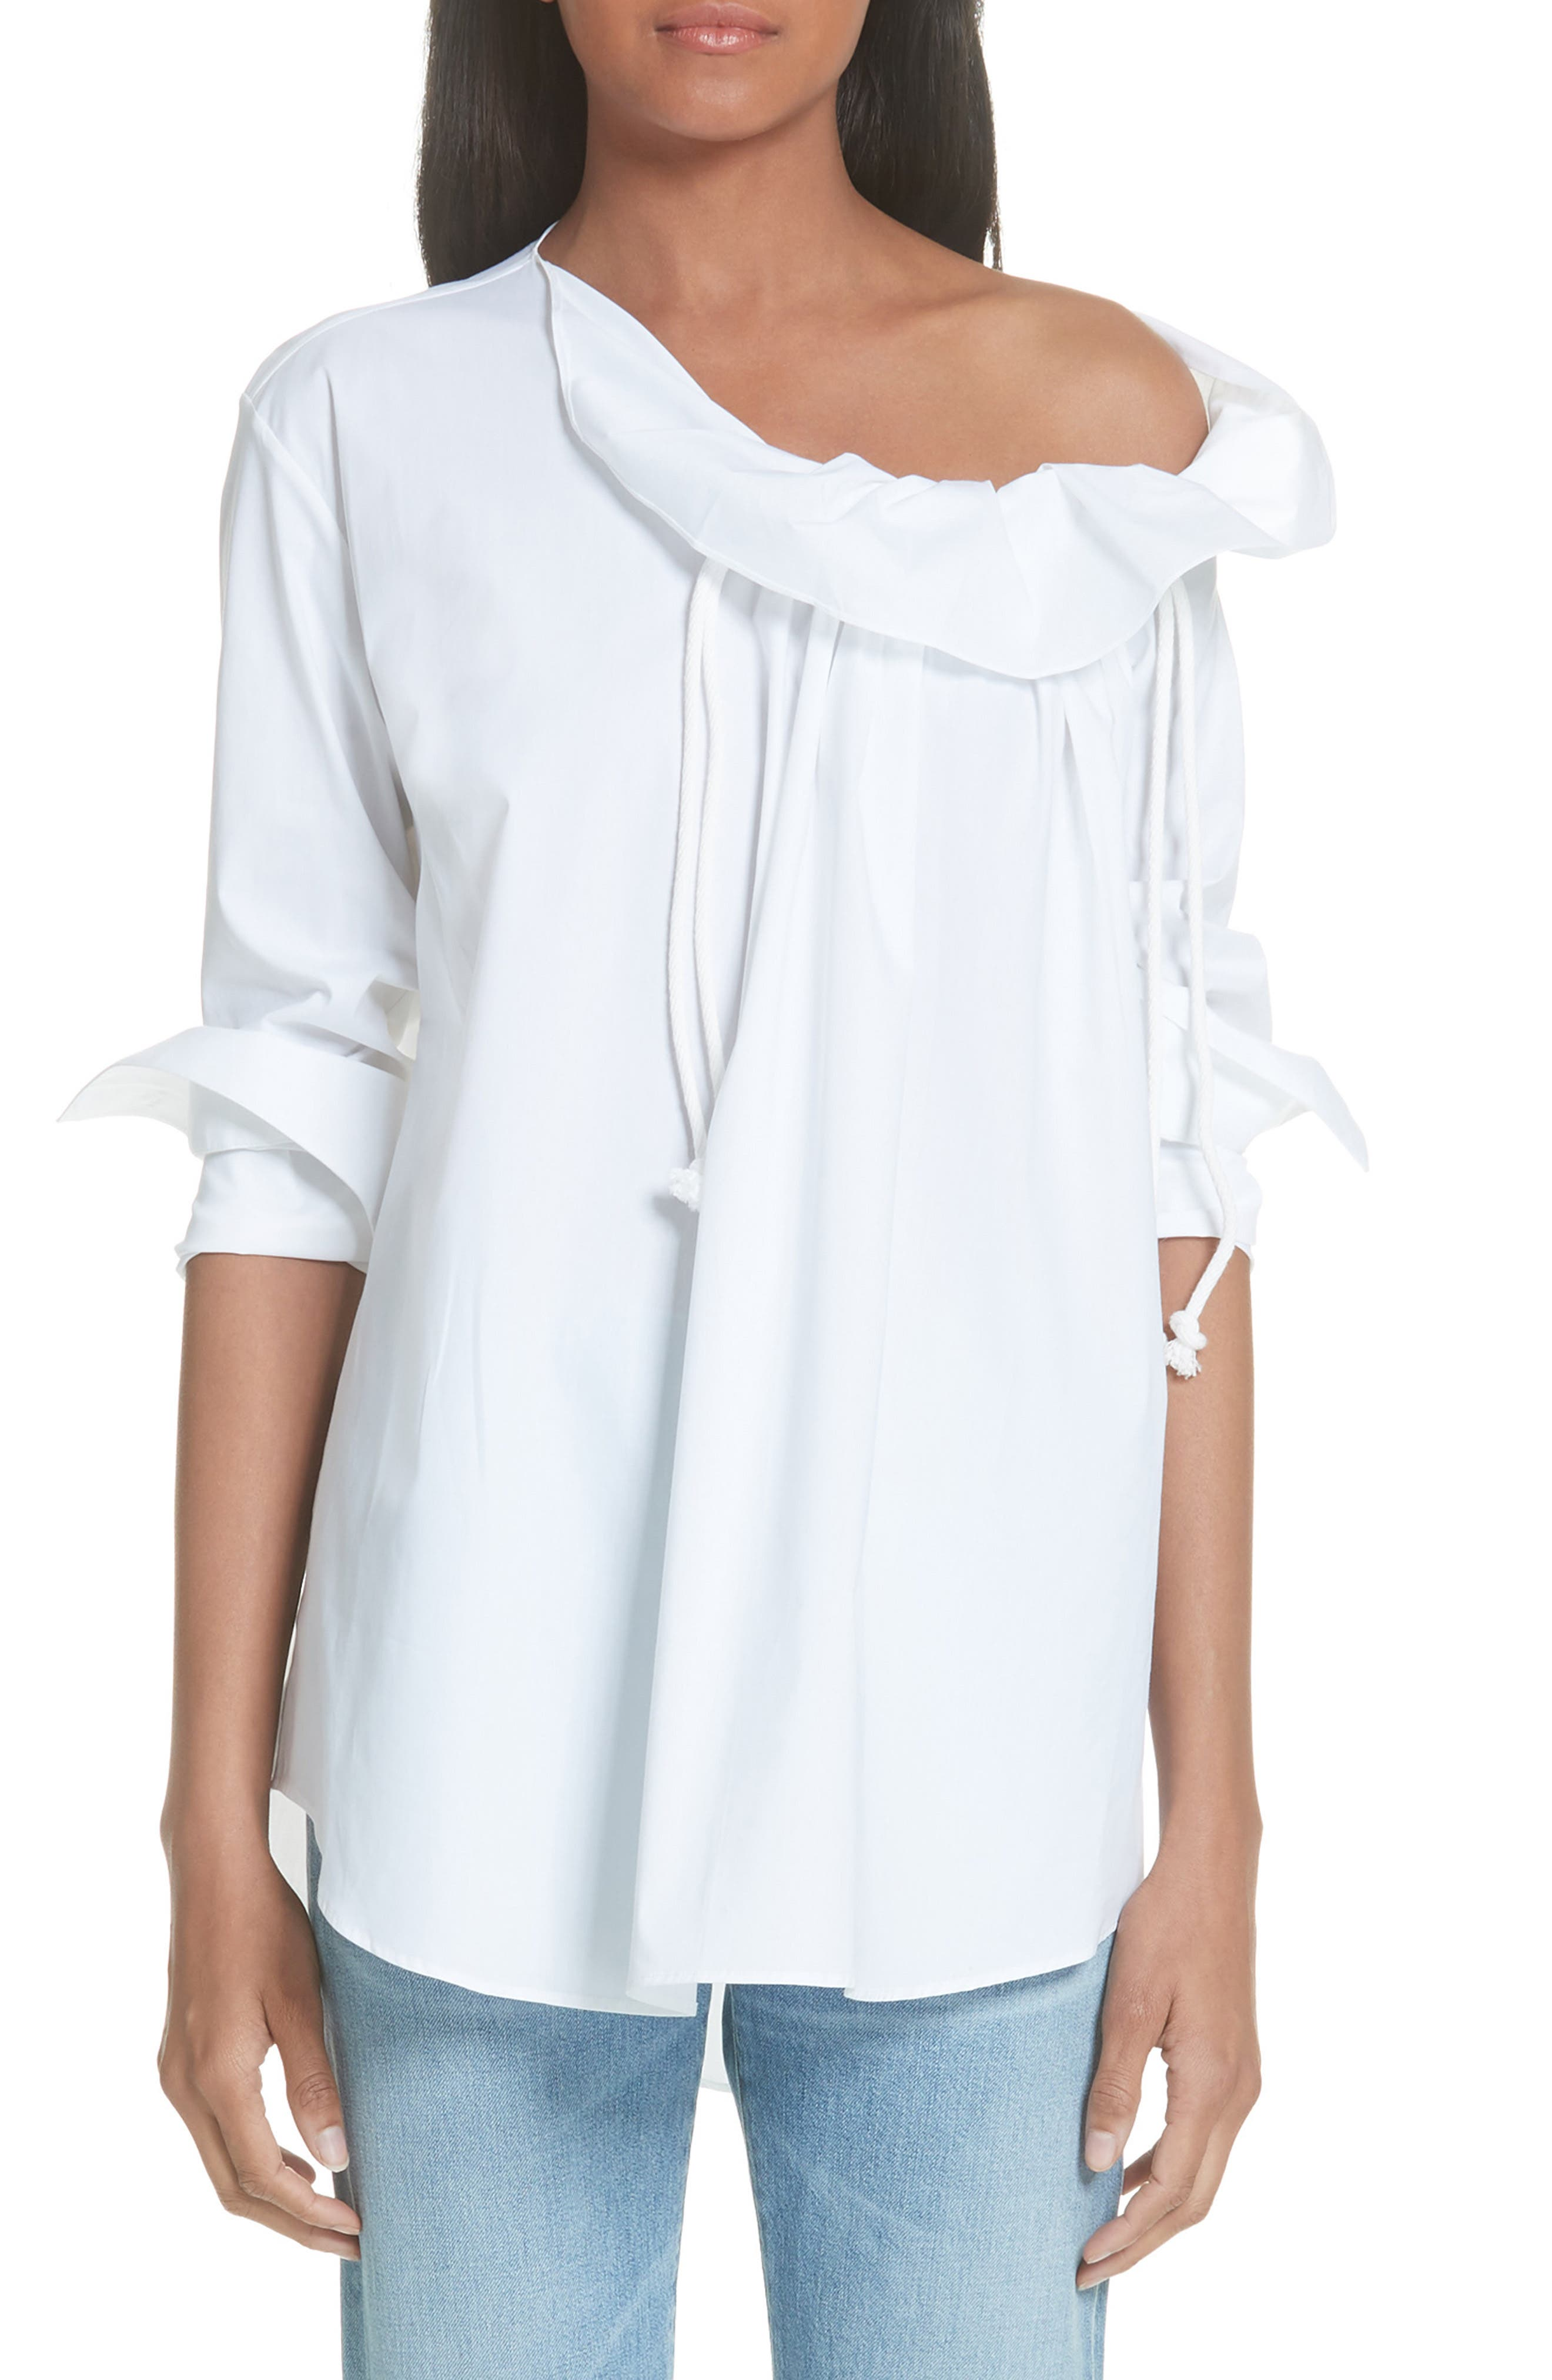 PALMER//HARDING Gallery One-Shoulder Shirt